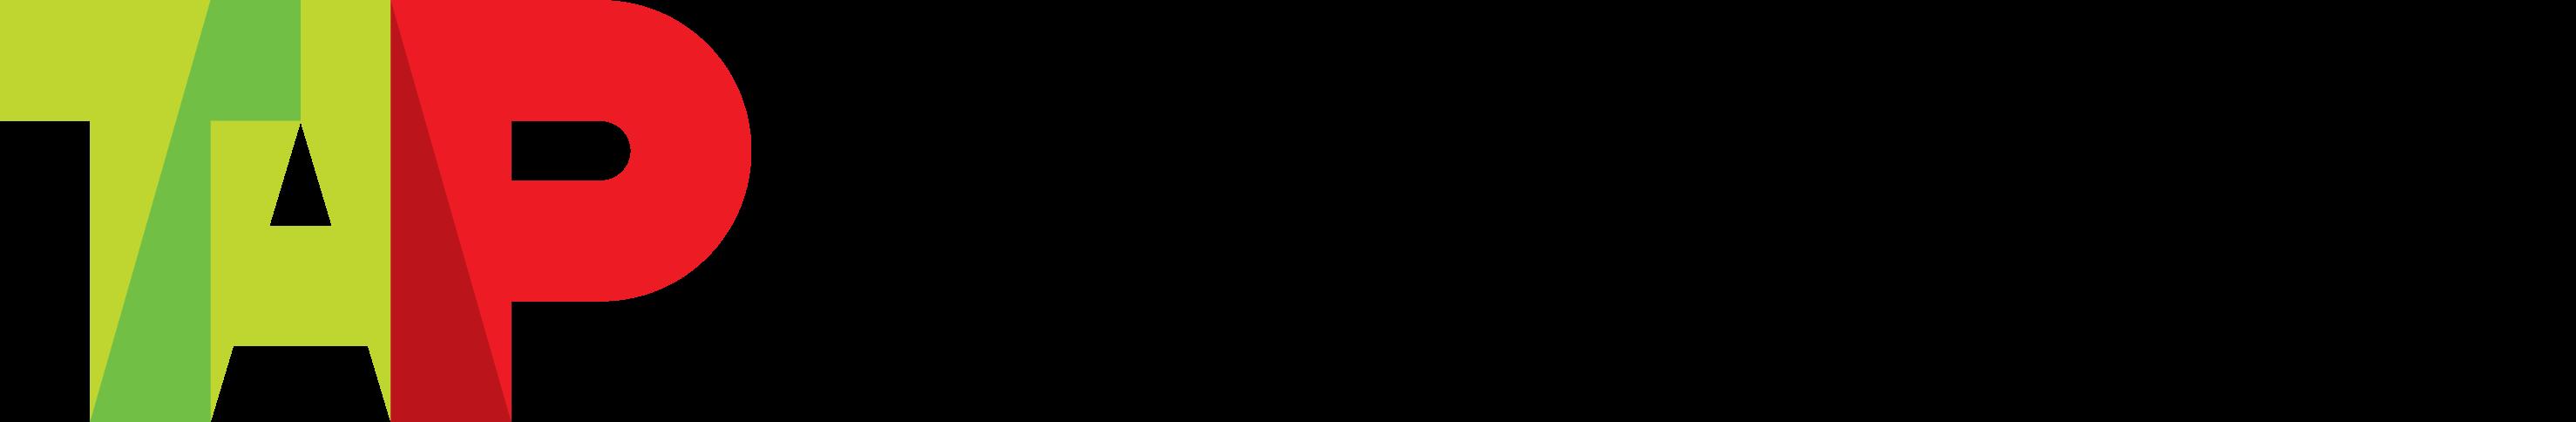 Resultado de imagen para tap portugal logo